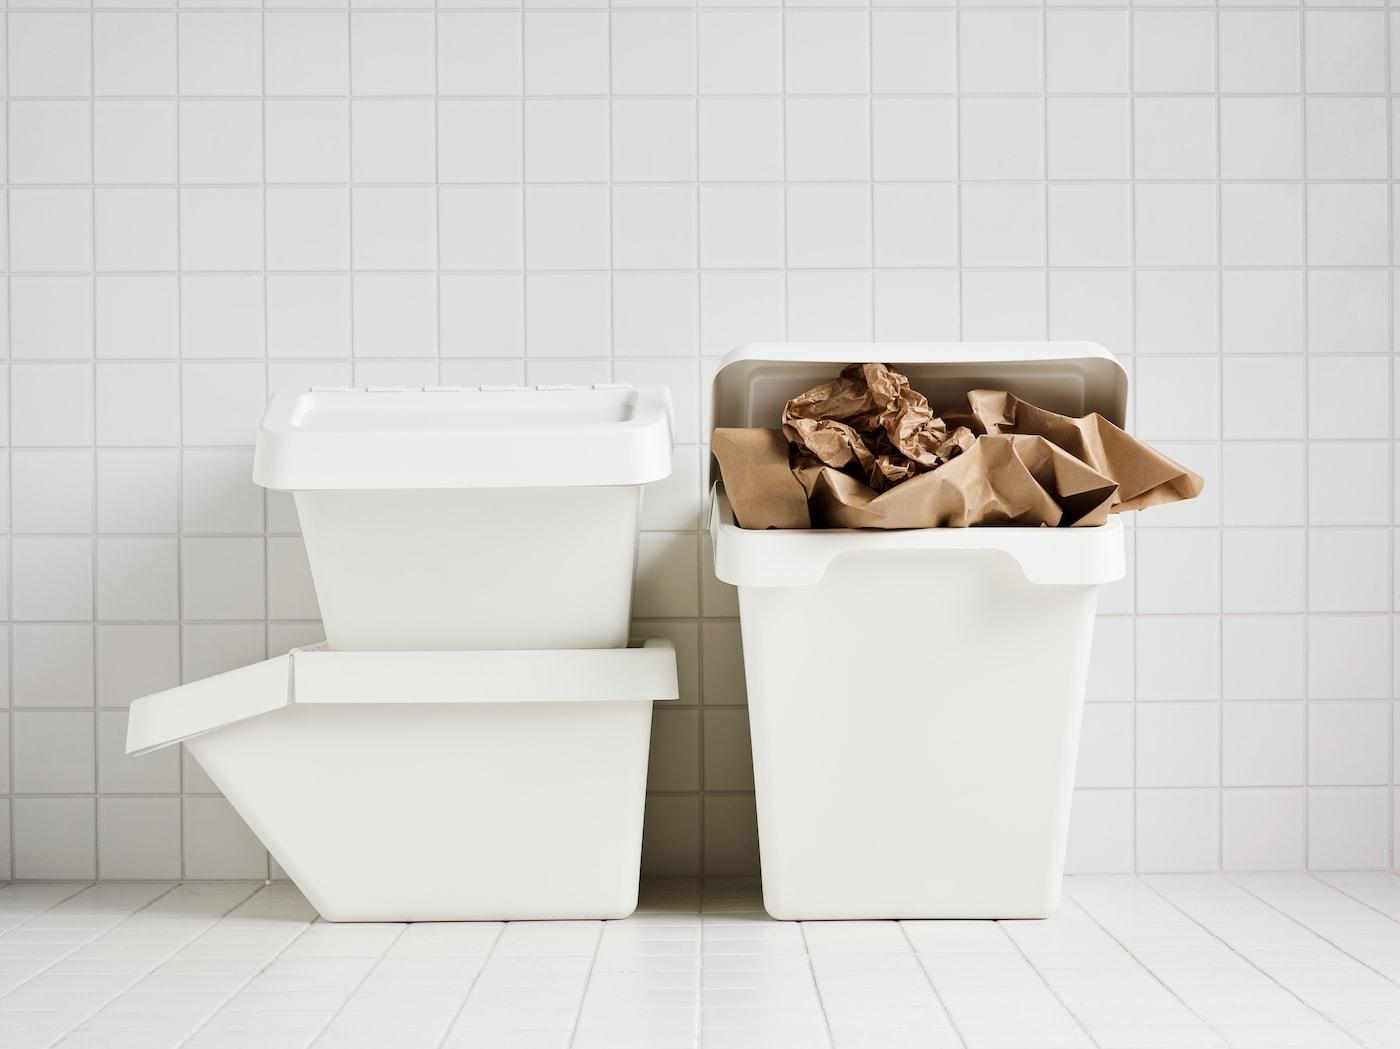 В комнате, облицованной белой плиткой, стоят три белых мусорных бака СОРТЕРА, один из них наполнен коричневой оберточной бумагой.